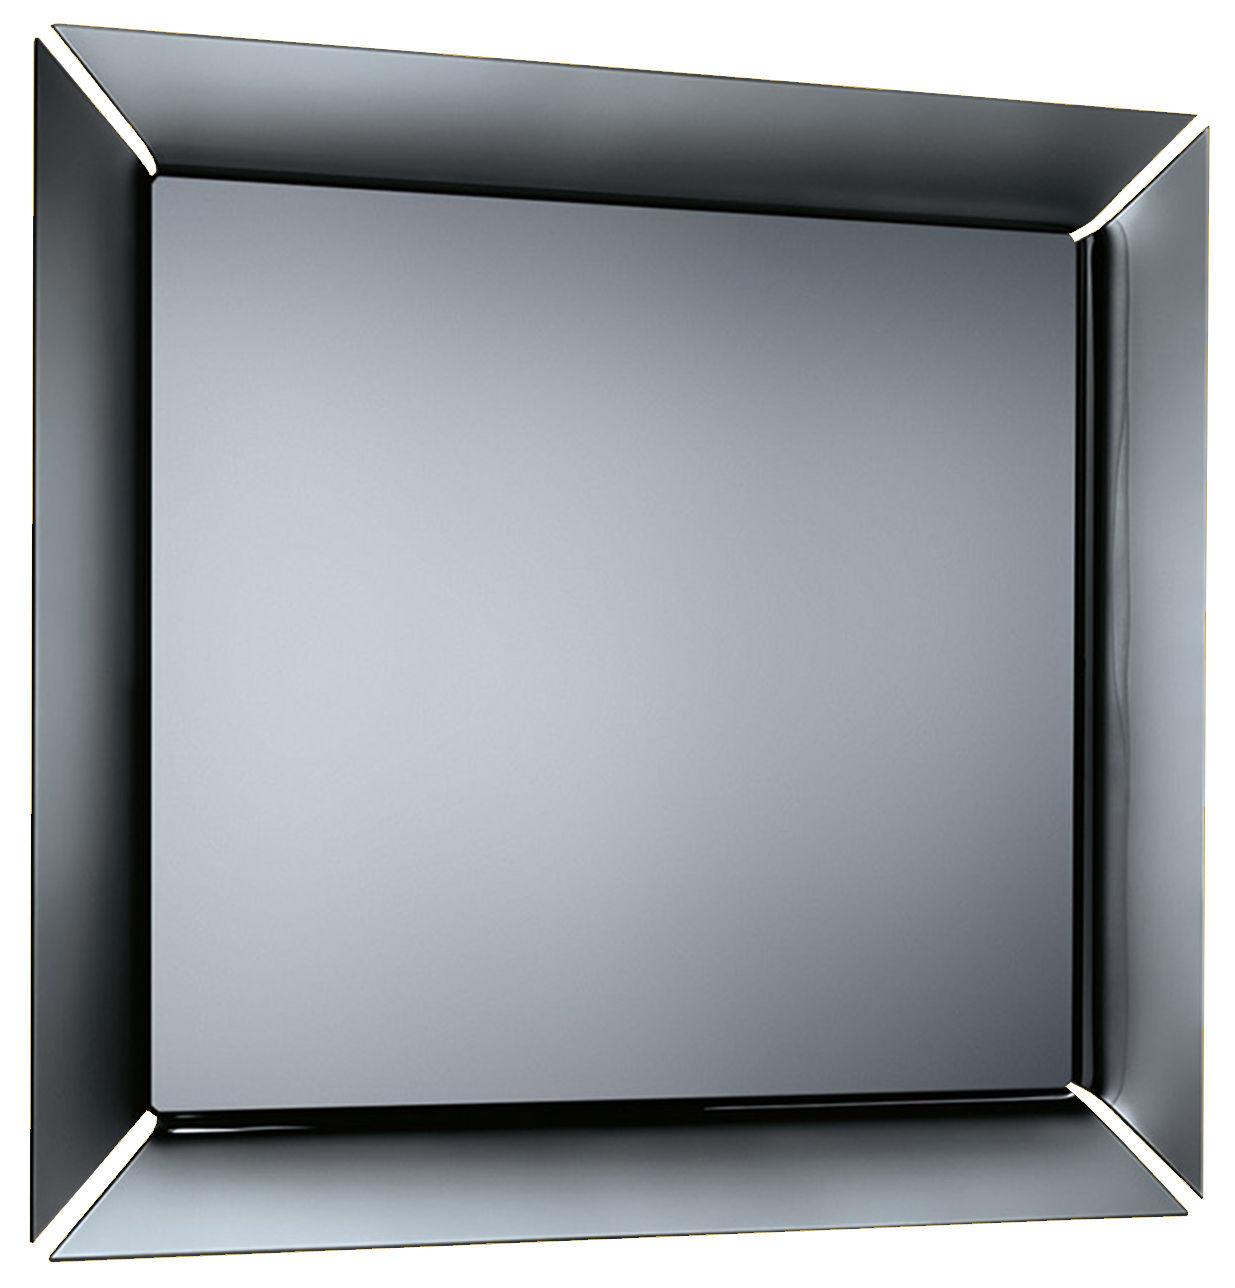 Accessoires - Objets connectés, accessoires high tech - Miroir mural Caadre TV / Téléviseur - Ecran LCD 42 pouces Sony intégré - 155 x 140 cm - FIAM - Cadre : Titane & noir - Verre